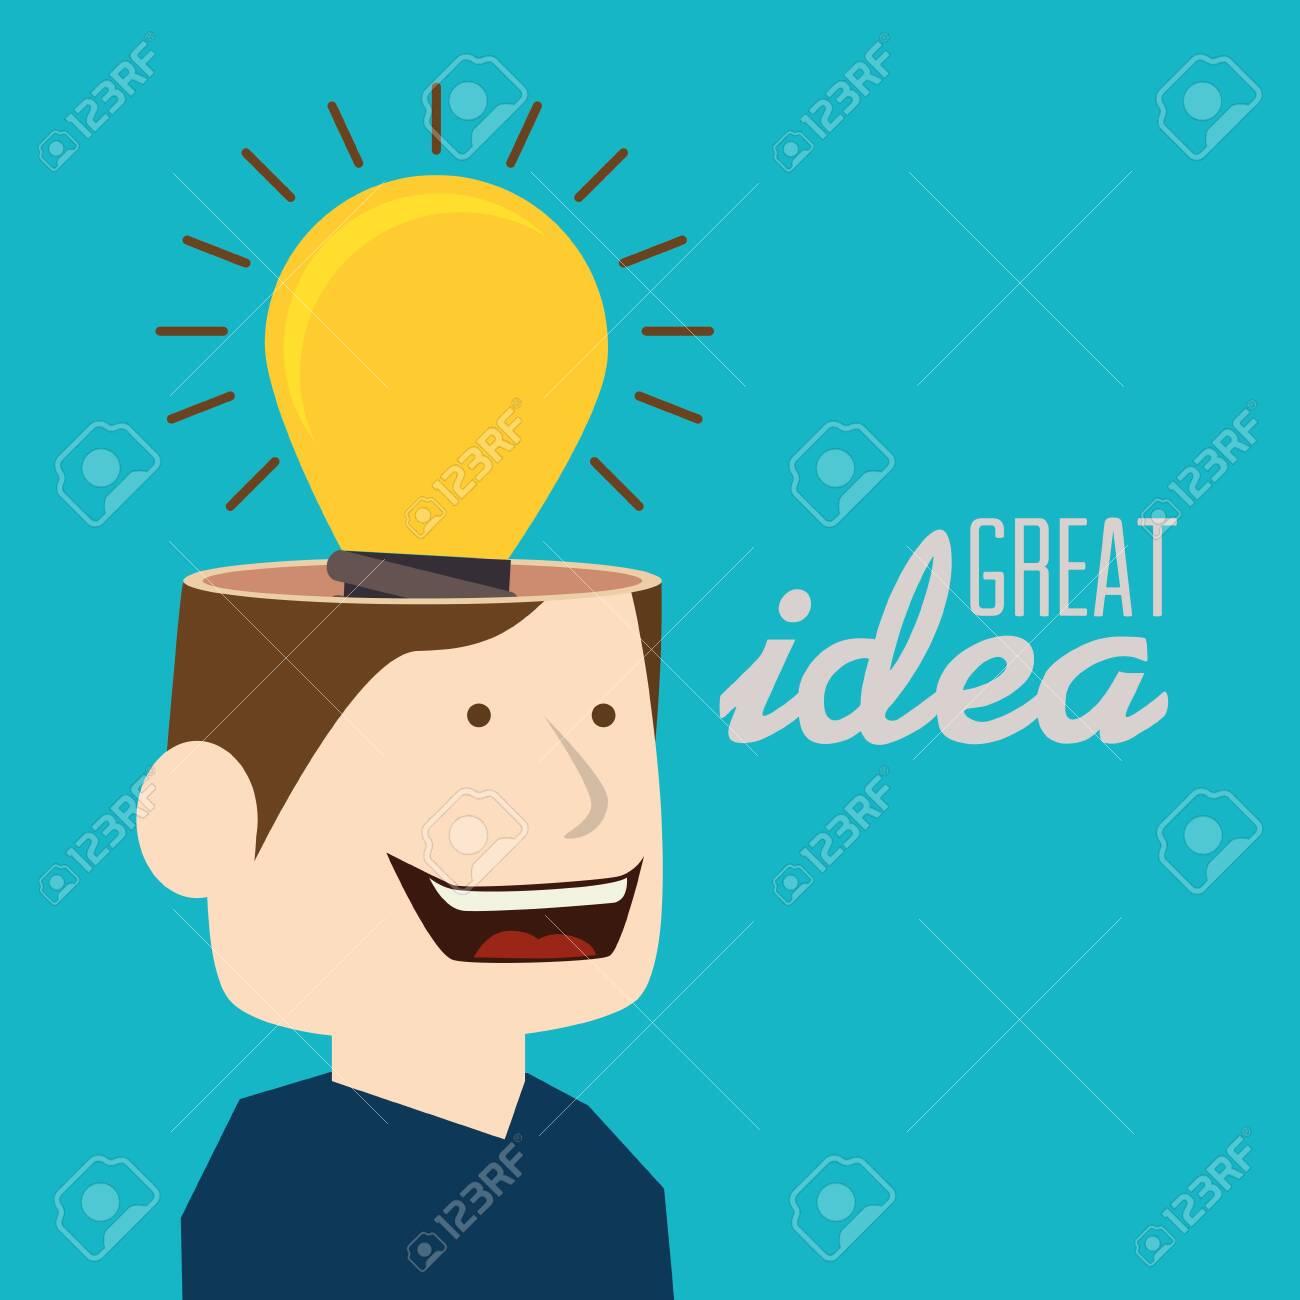 Idea, design over blue background, vector illustration. - 135661253